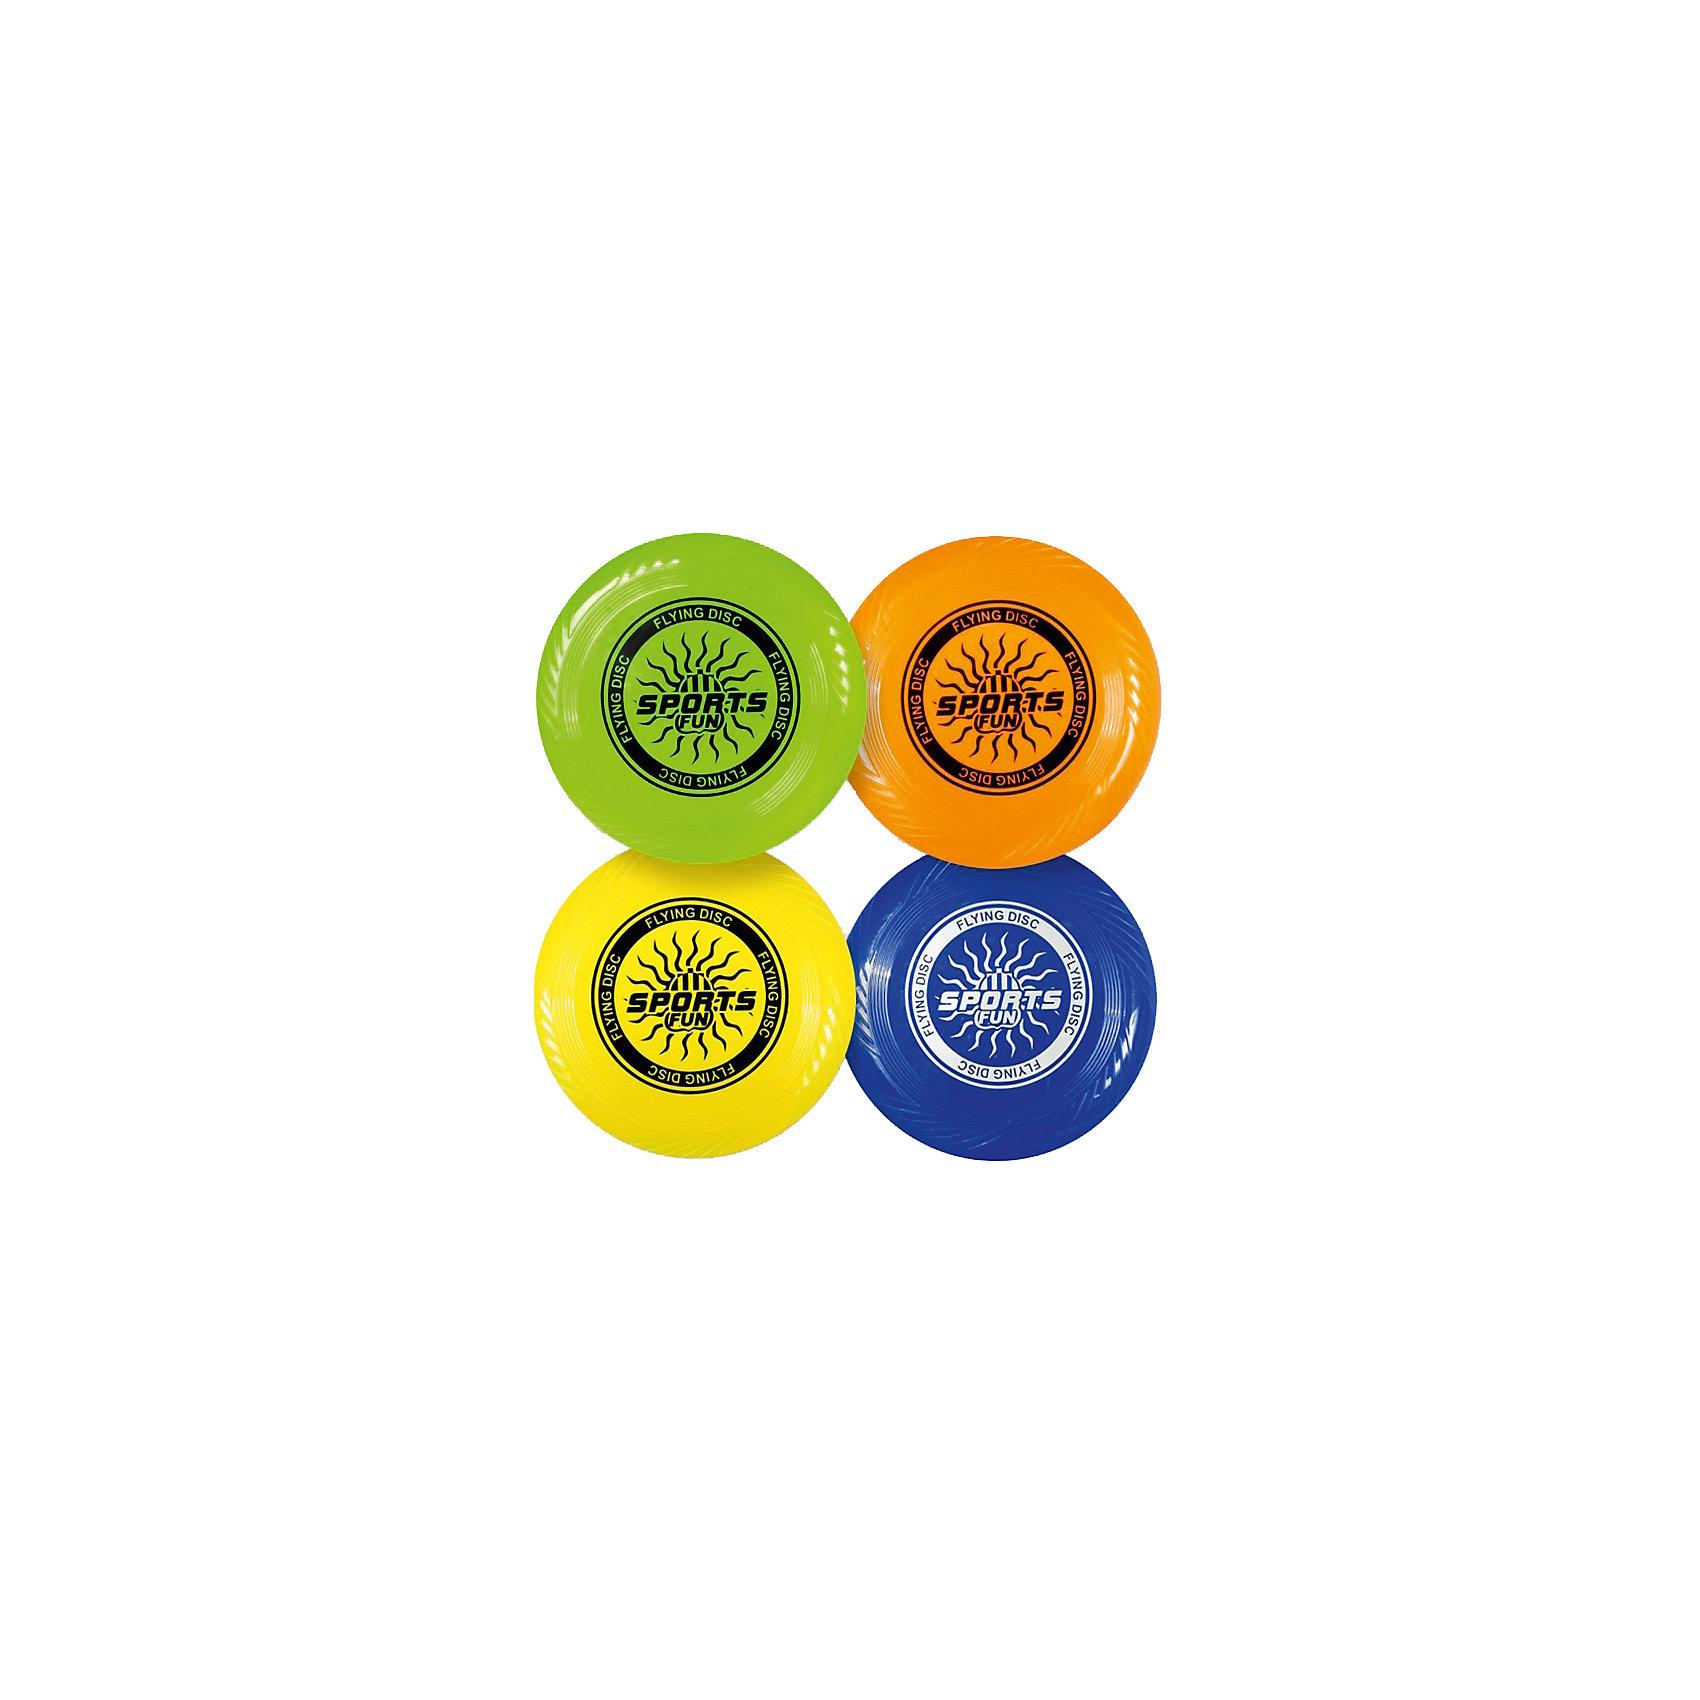 Летающий диск, YG SportЛетающие тарелки и бумеранги<br>Летающий диск, YG Sport, поможет разнообразить пляжный отдых или весело провести время на даче или на природе. Диск выполнен в ярком красочном дизайне, что позволяет легко найти его в траве, превосходные аэродинамические характеристики повышает дальность броска. Игрушка изготовлена из высококачественного и прочного материала, не содержащего токсичных красителей. Развивает координацию и моторику движений, меткость, ловкость и внимательность. <br><br>Дополнительная информация:<br><br>- Материал: пластик. <br>- Диаметр диска: 25 см.<br>- Размер упаковки: 25,4 х 2,4 х 25,4 см.<br>- Вес: 72 гр.<br> <br>Летающий диск, YG Sport, можно купить в нашем интернет-магазине.<br><br>Ширина мм: 254<br>Глубина мм: 24<br>Высота мм: 254<br>Вес г: 72<br>Возраст от месяцев: 36<br>Возраст до месяцев: 72<br>Пол: Унисекс<br>Возраст: Детский<br>SKU: 4622234